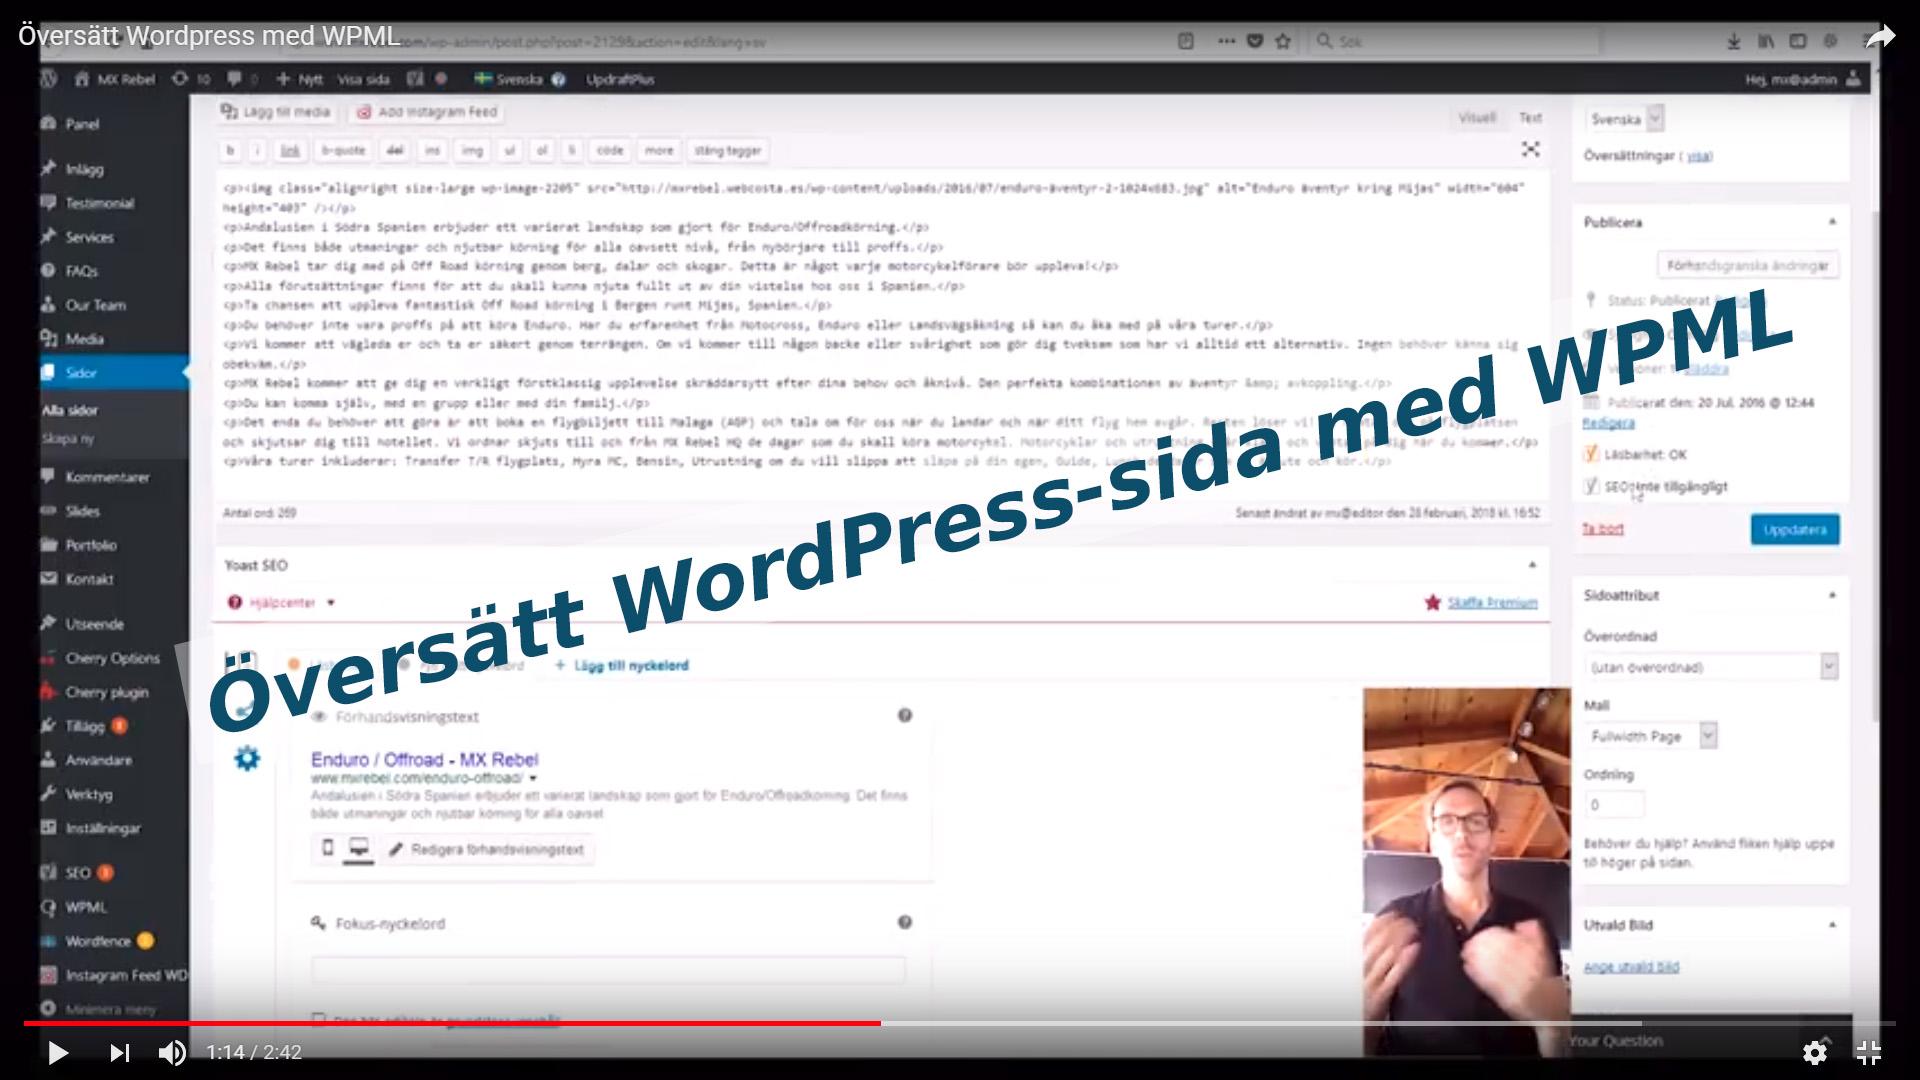 Översätt WordPress-sida med WPML